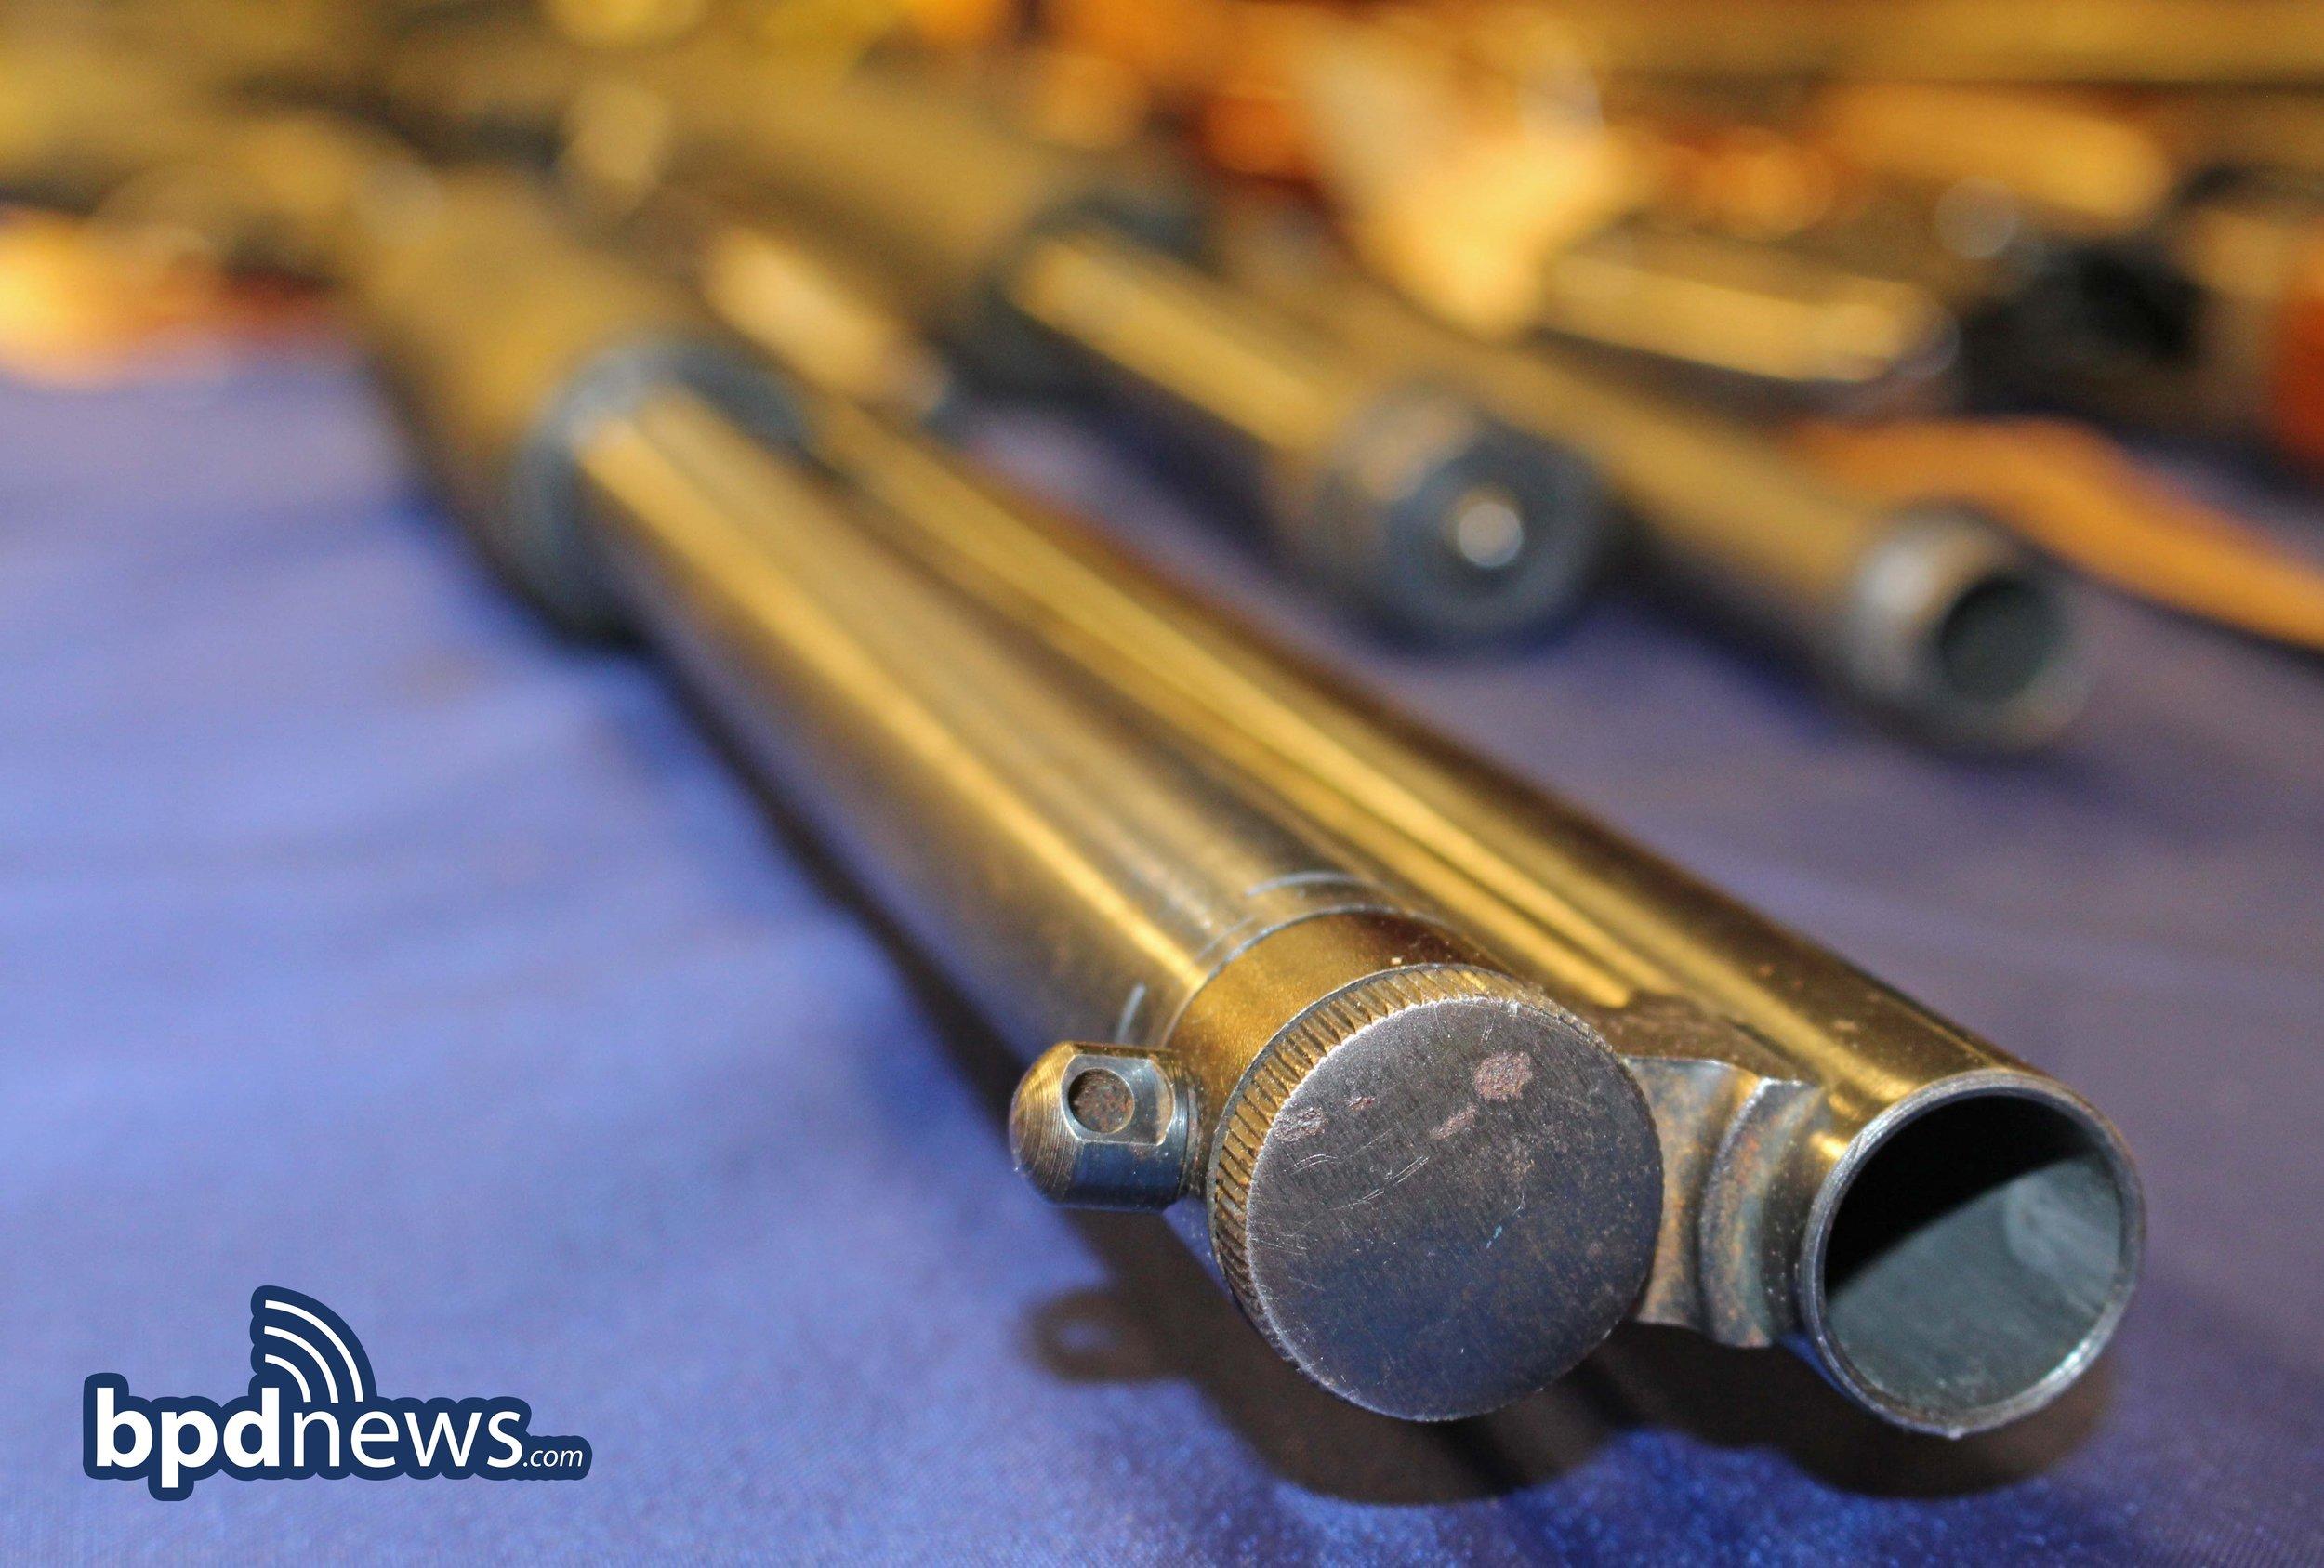 GUN6-9-16a.jpg